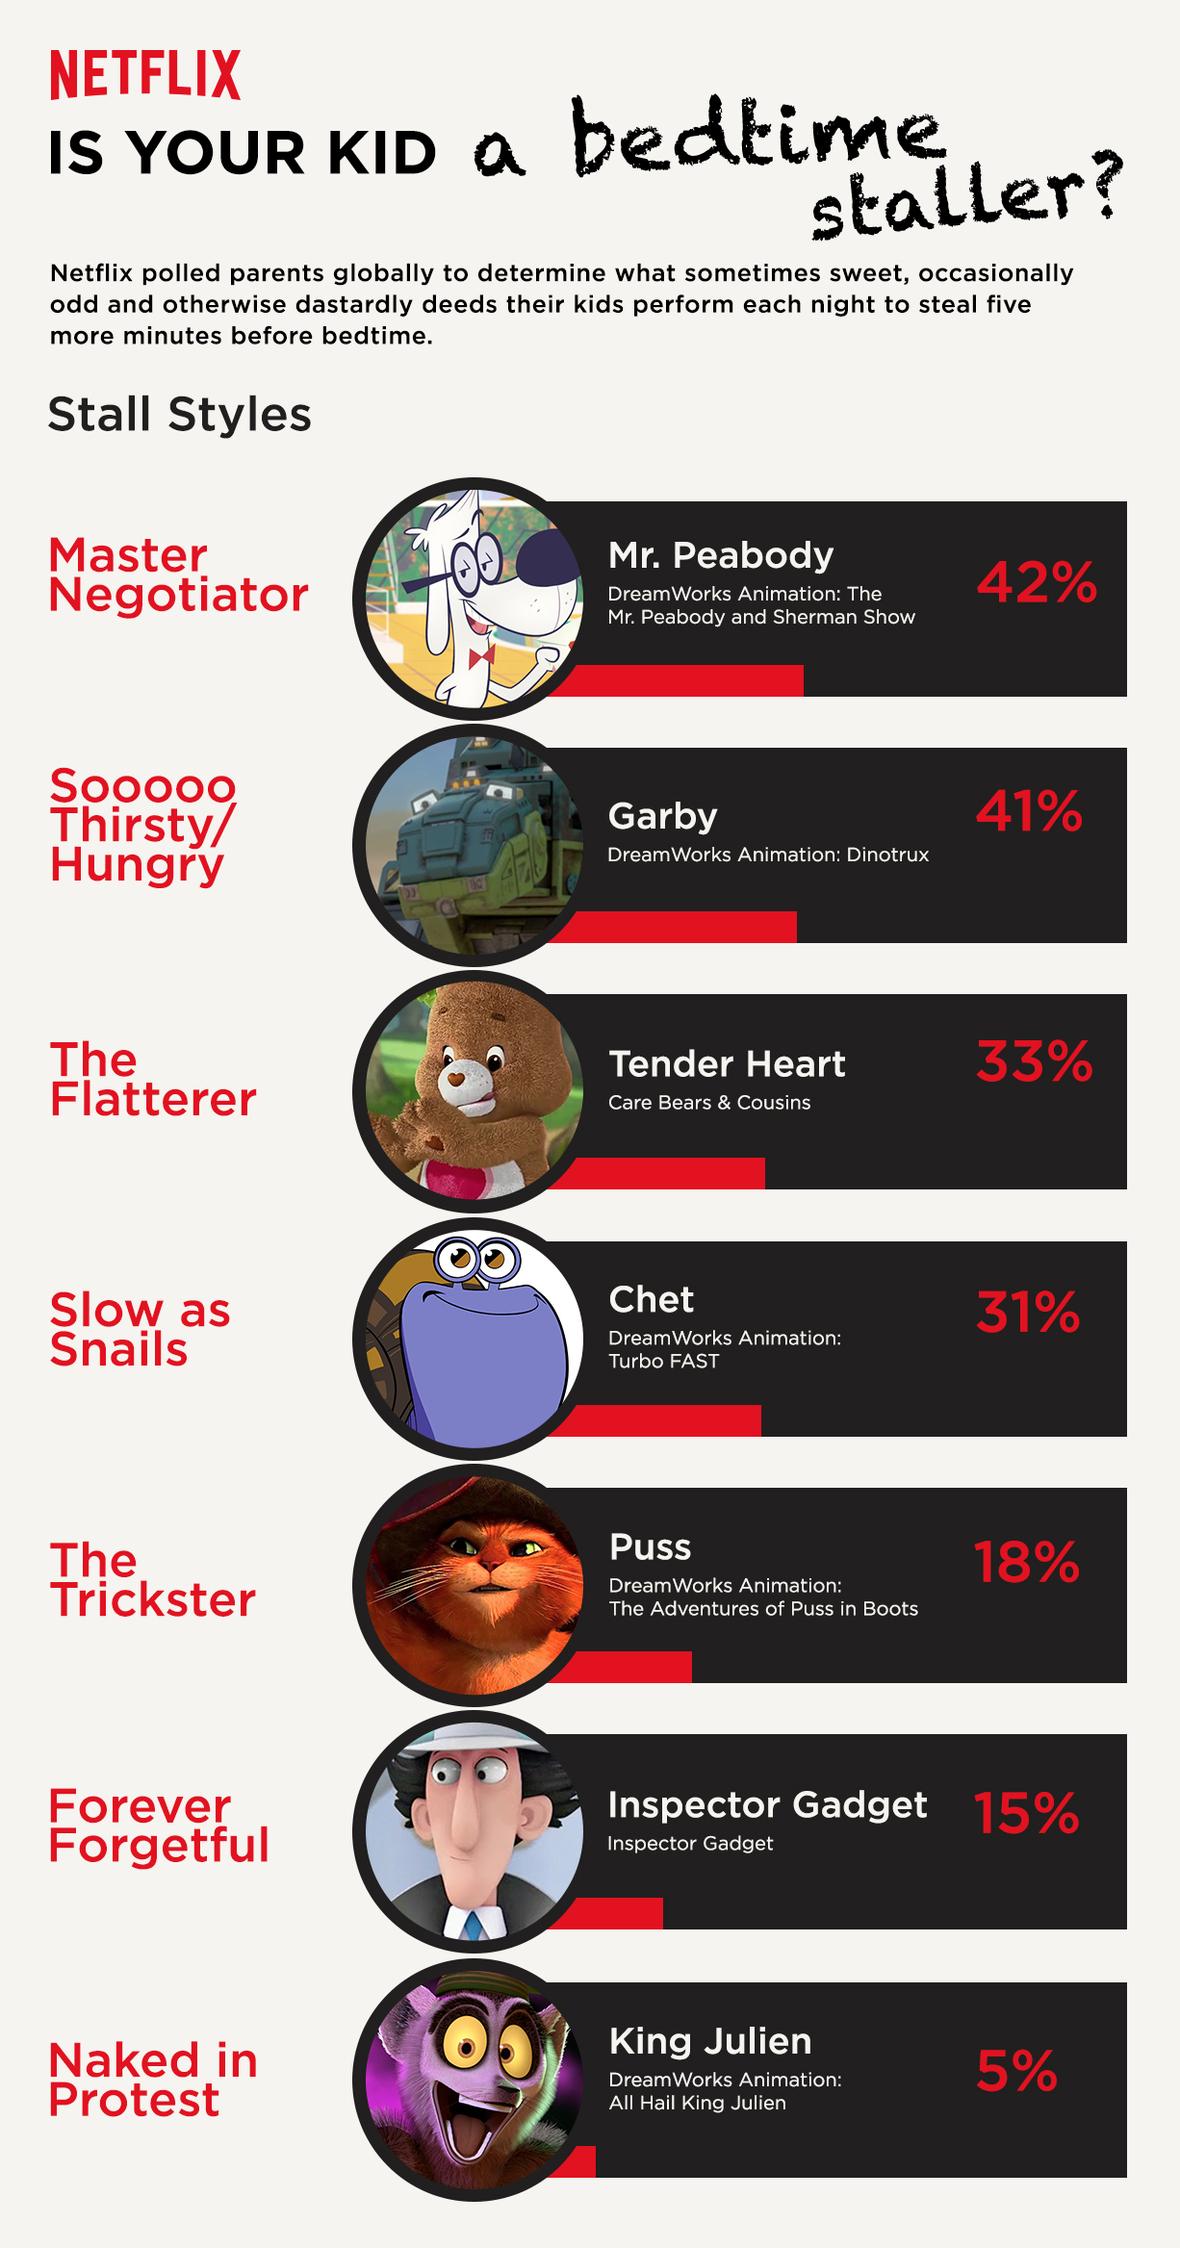 Netflix BedtimeStaller Infographic USA